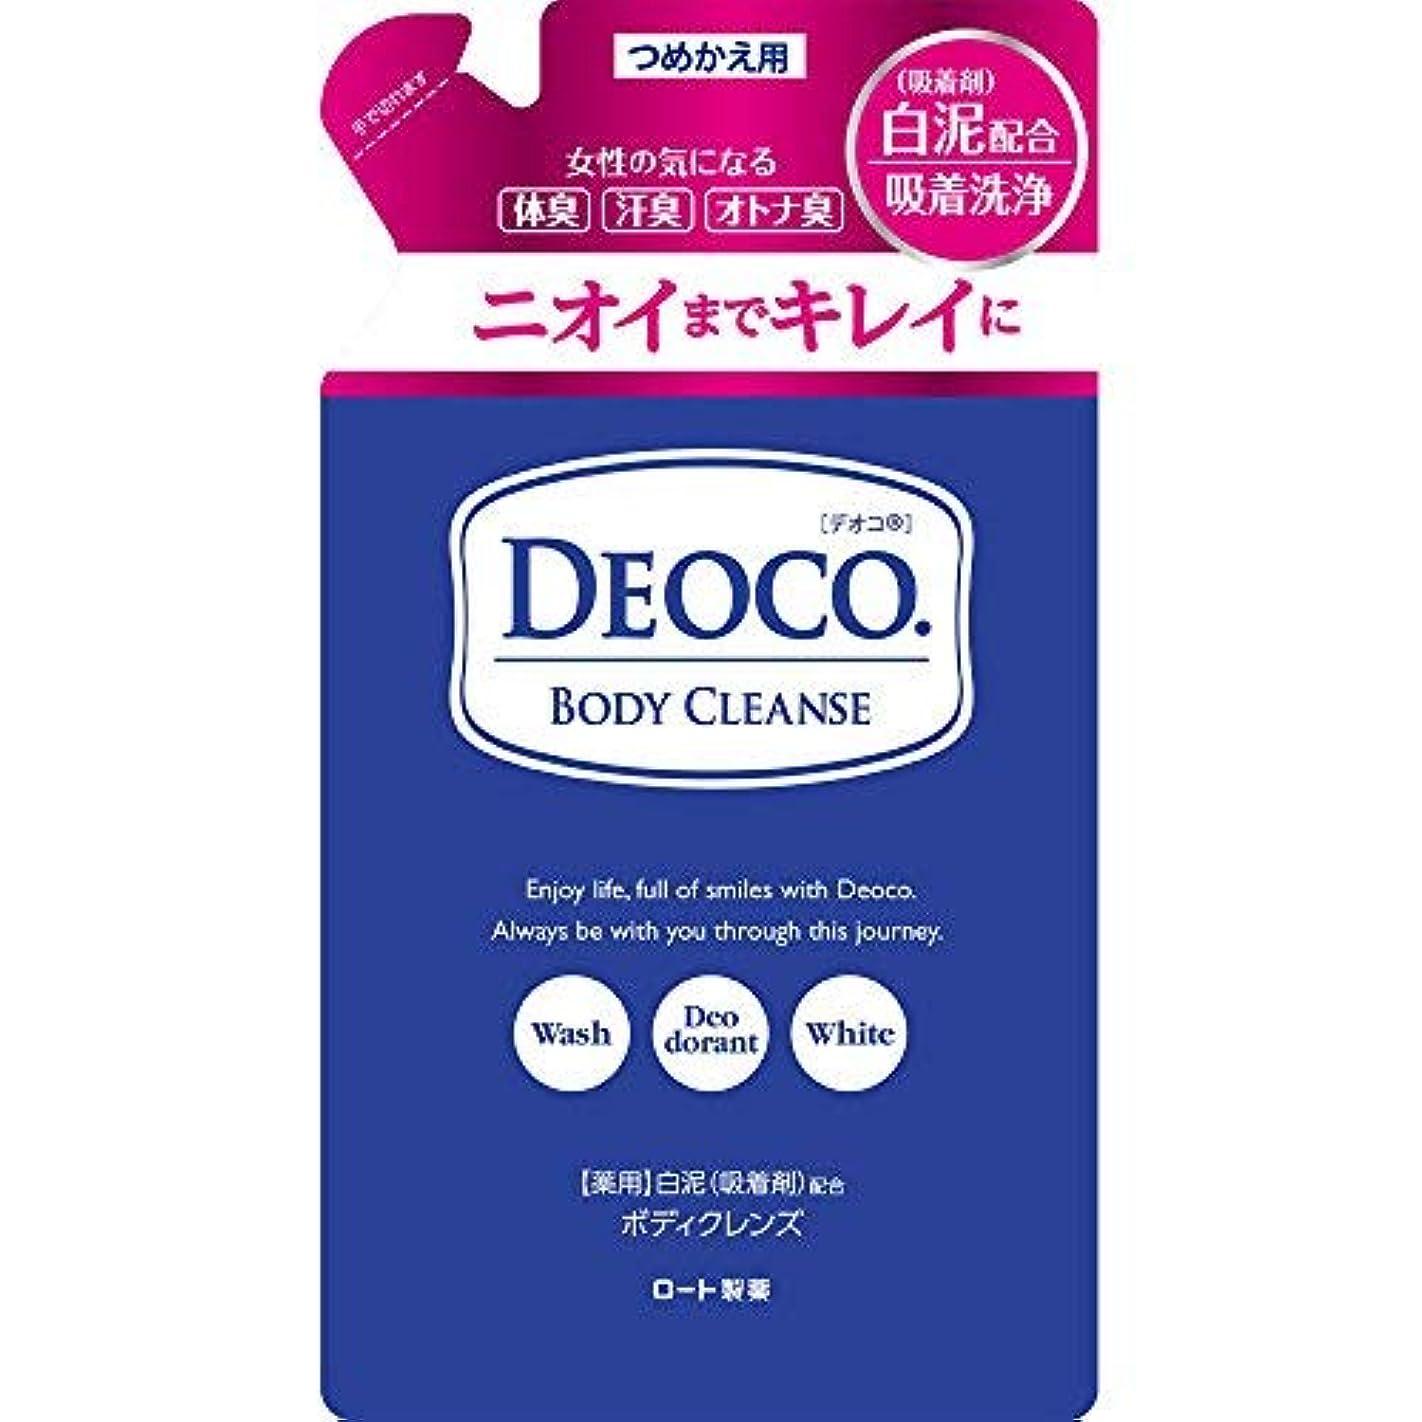 予防接種合理化受付ロート製薬 デオコ DEOCO 薬用 ボディクレンズ 詰め替え 250ml × 5個セット